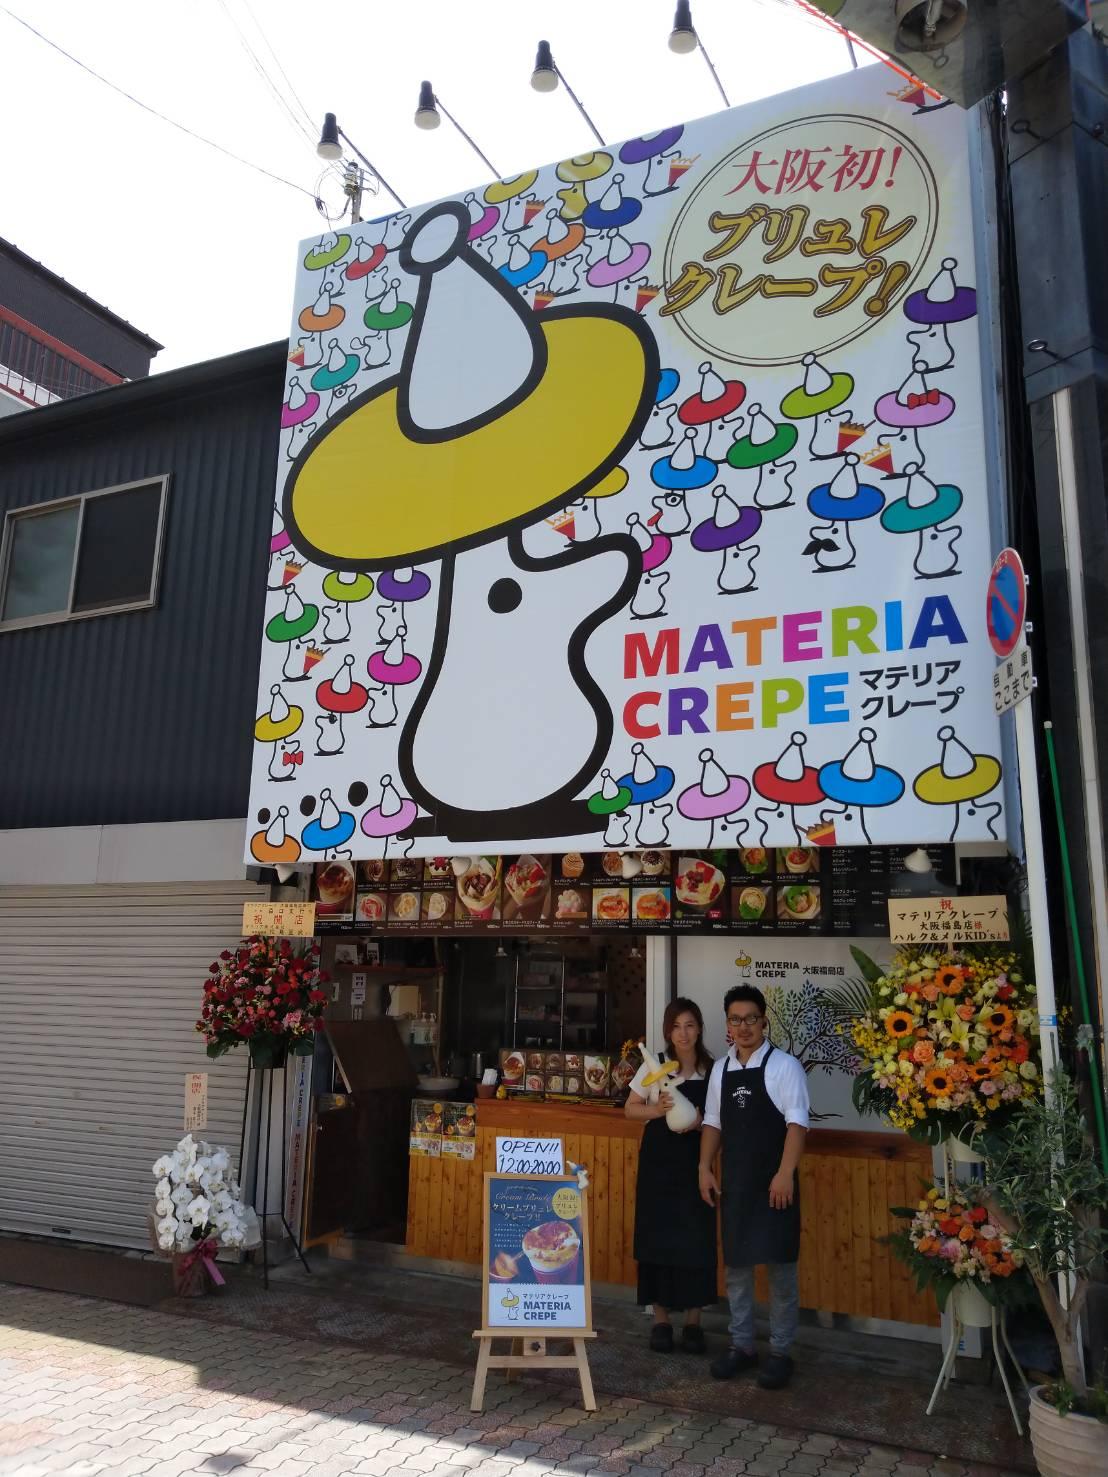 マテリアクレープ 大阪福島店